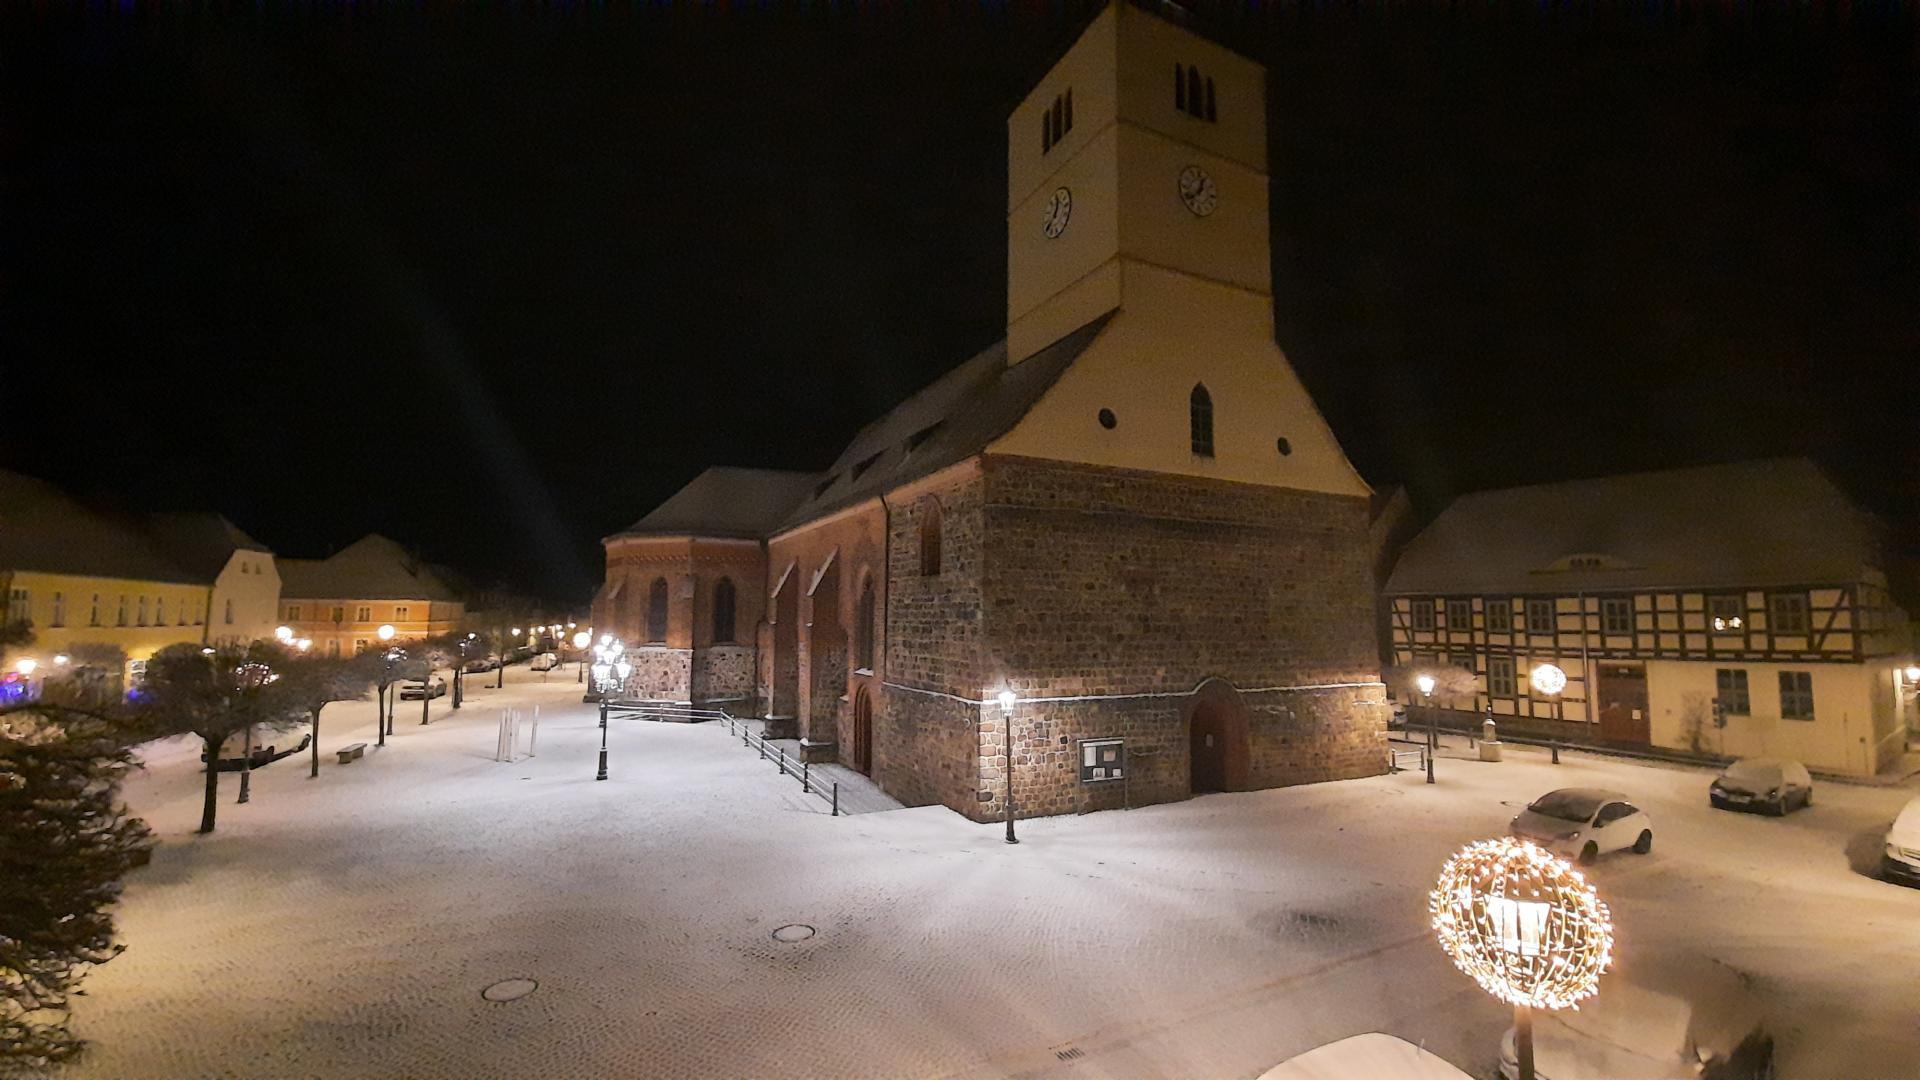 Stadtpfarrkirche St. Marien - St. Nikolai zu Beelitz 2021